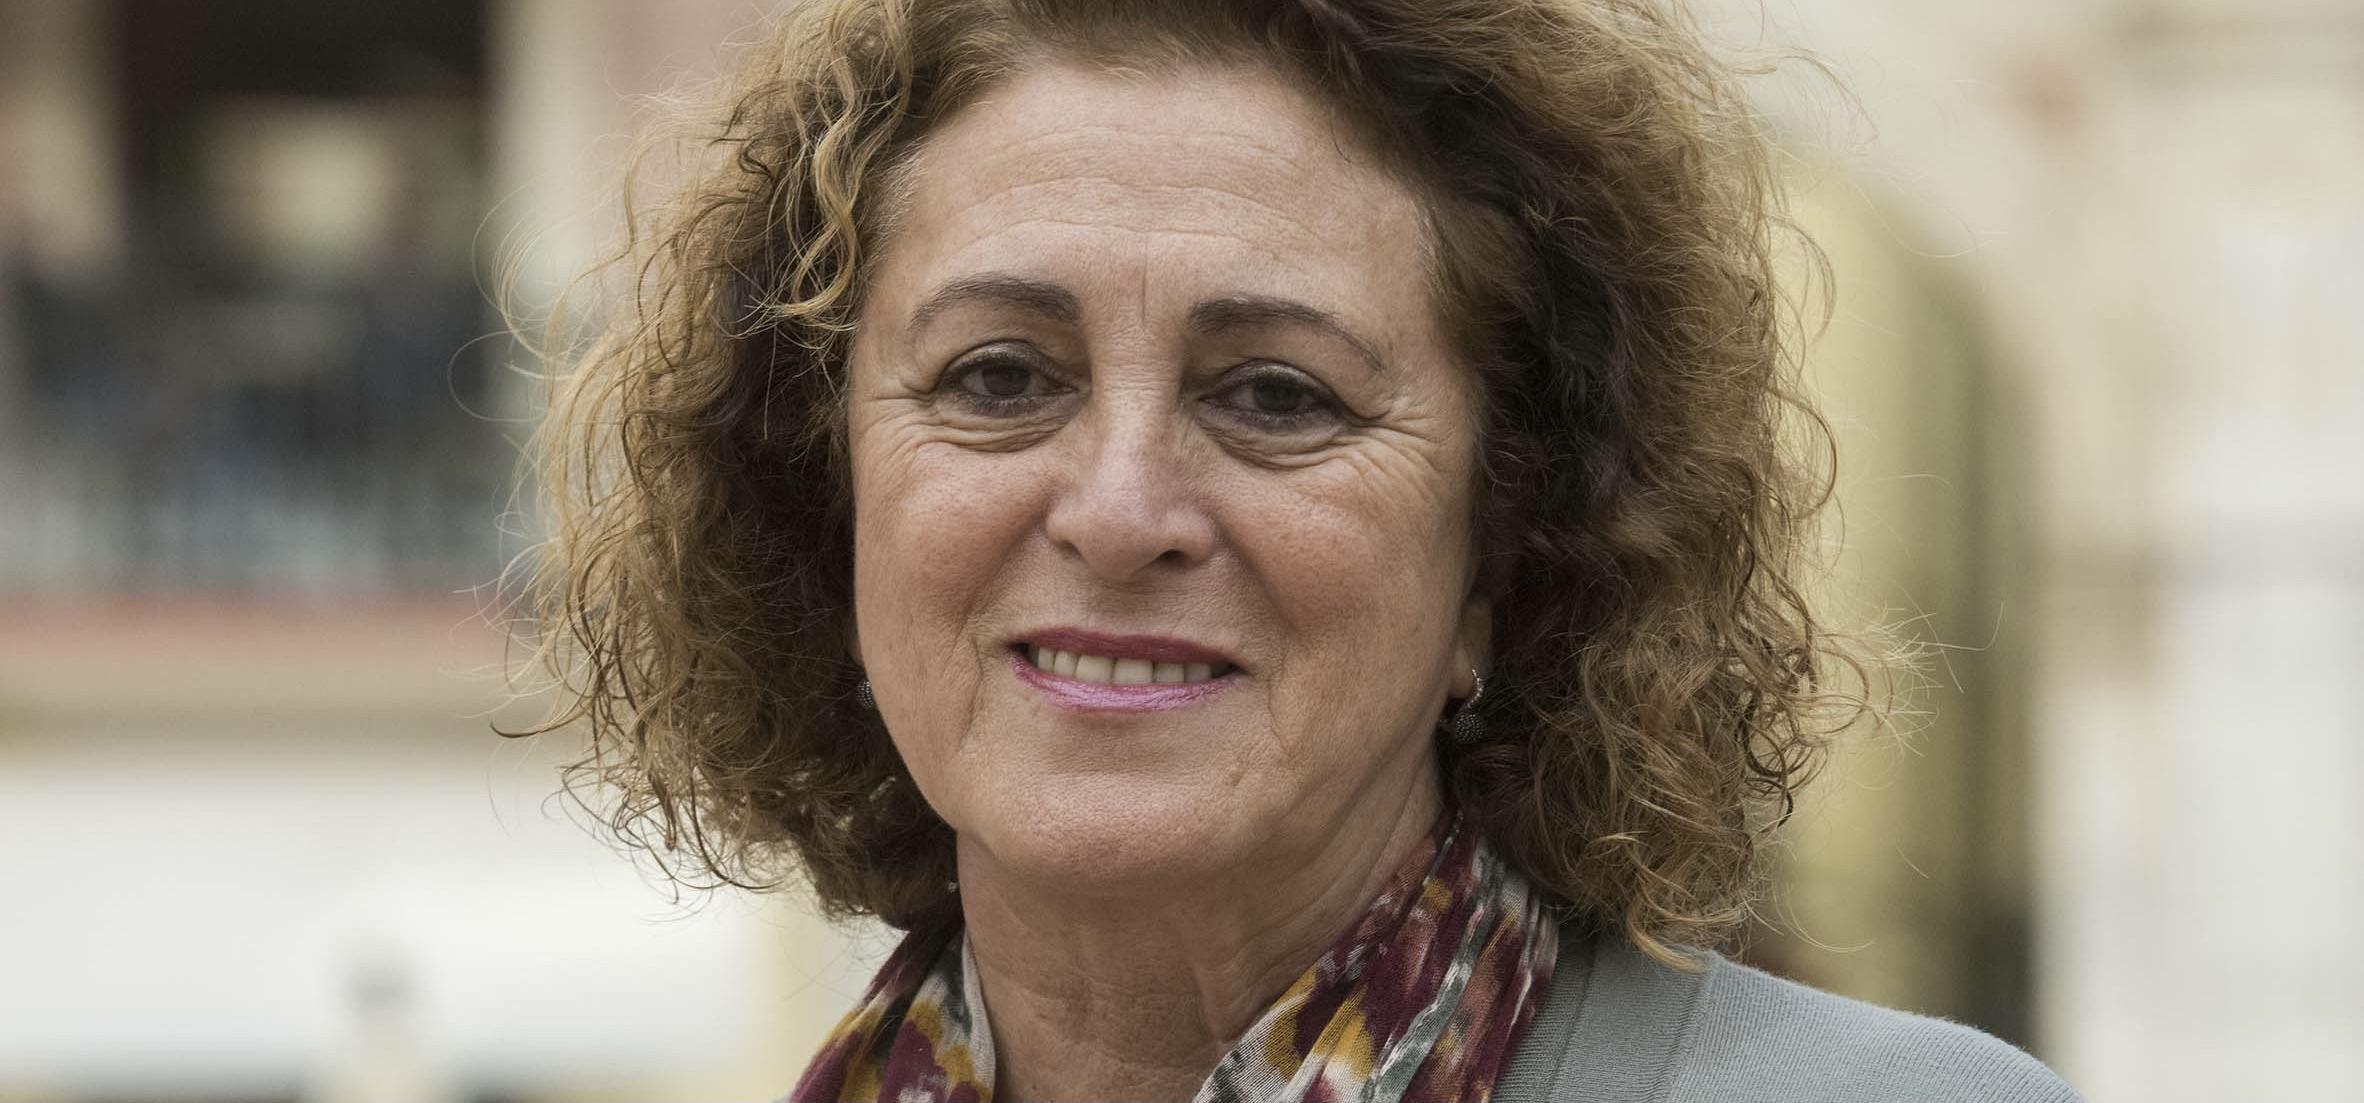 La presidenta de Asociación de la Prensa de Málaga reflexiona sobre las amenazas a la profesión periodística, y el papel jugado ante la pandemia.